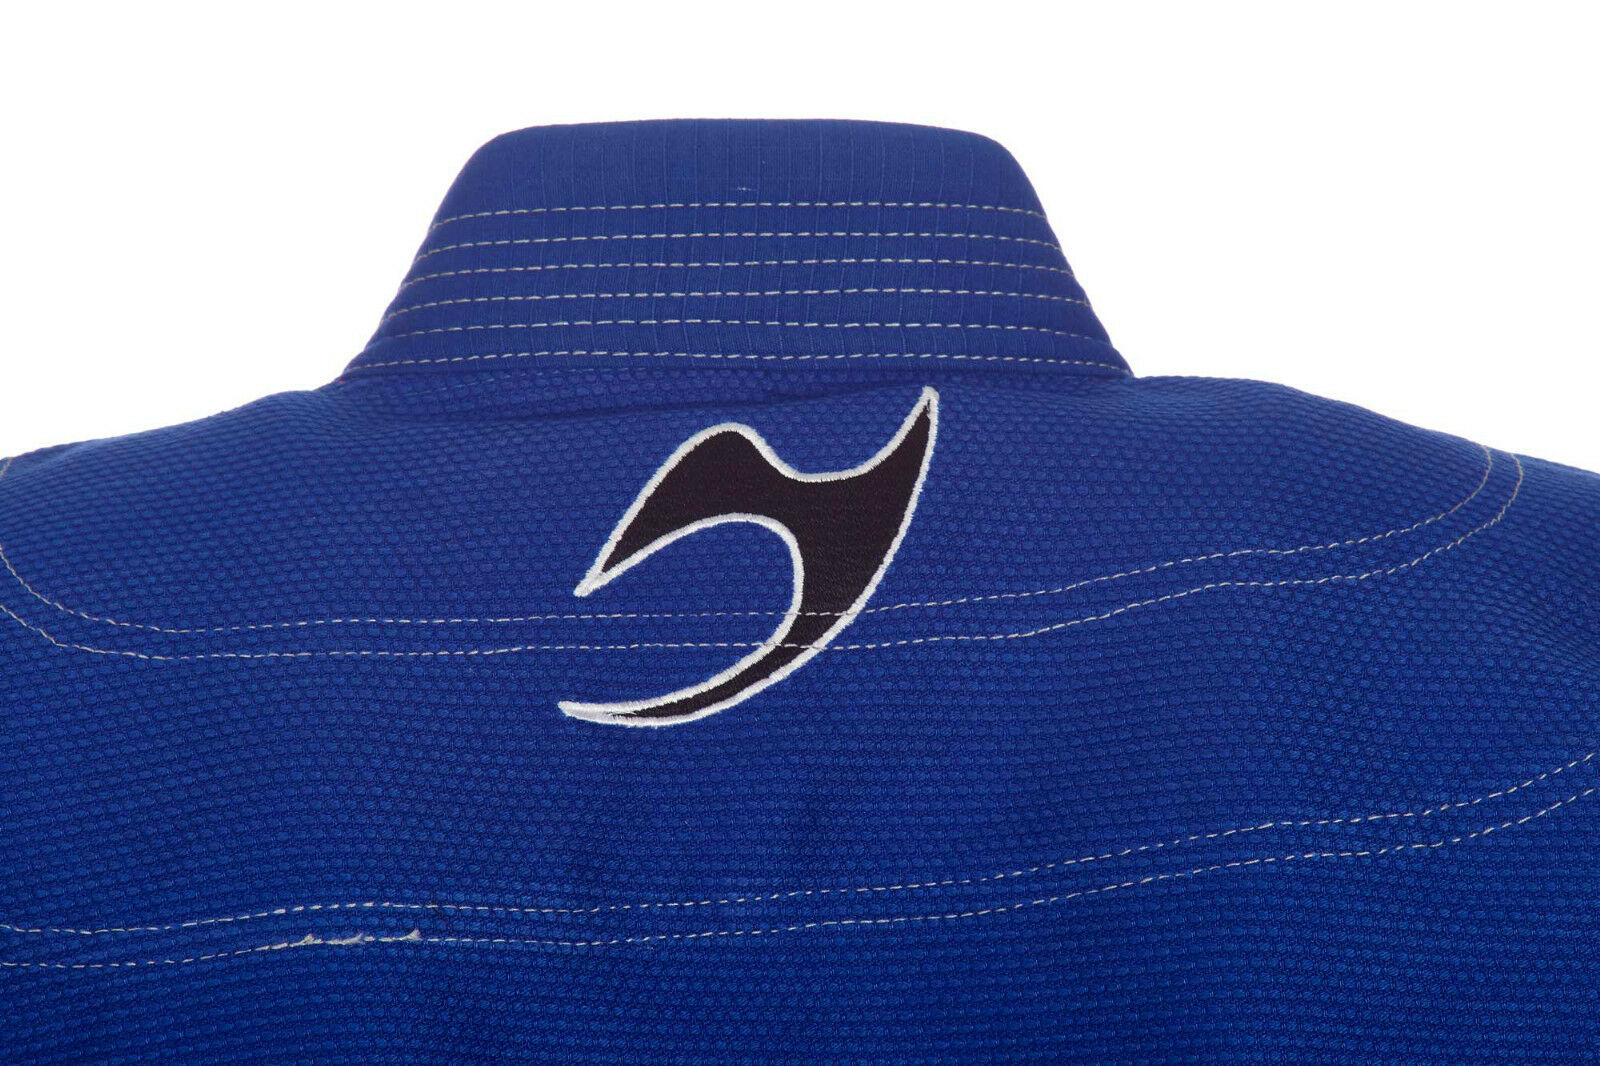 BJJ-Anzug  EXTREME EXTREME EXTREME Blau 2.0 . Größe A1-A6. Grappling. Brazilian Jiu Jitsu. Gi. 3dd906